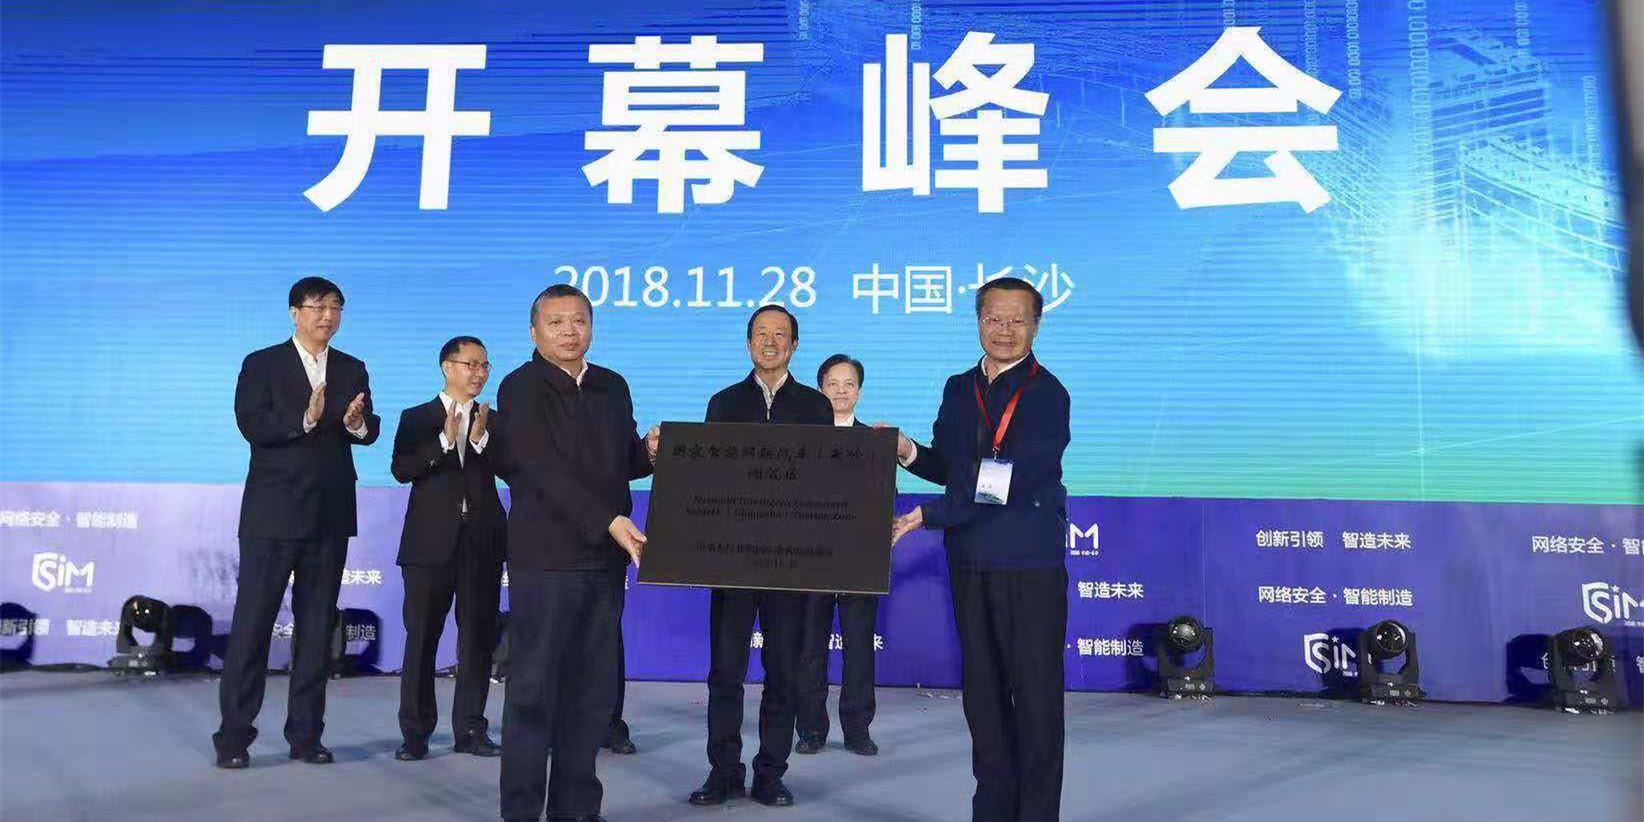 湘江新区智能系统测试区获工信部授牌,正式跻身国家队